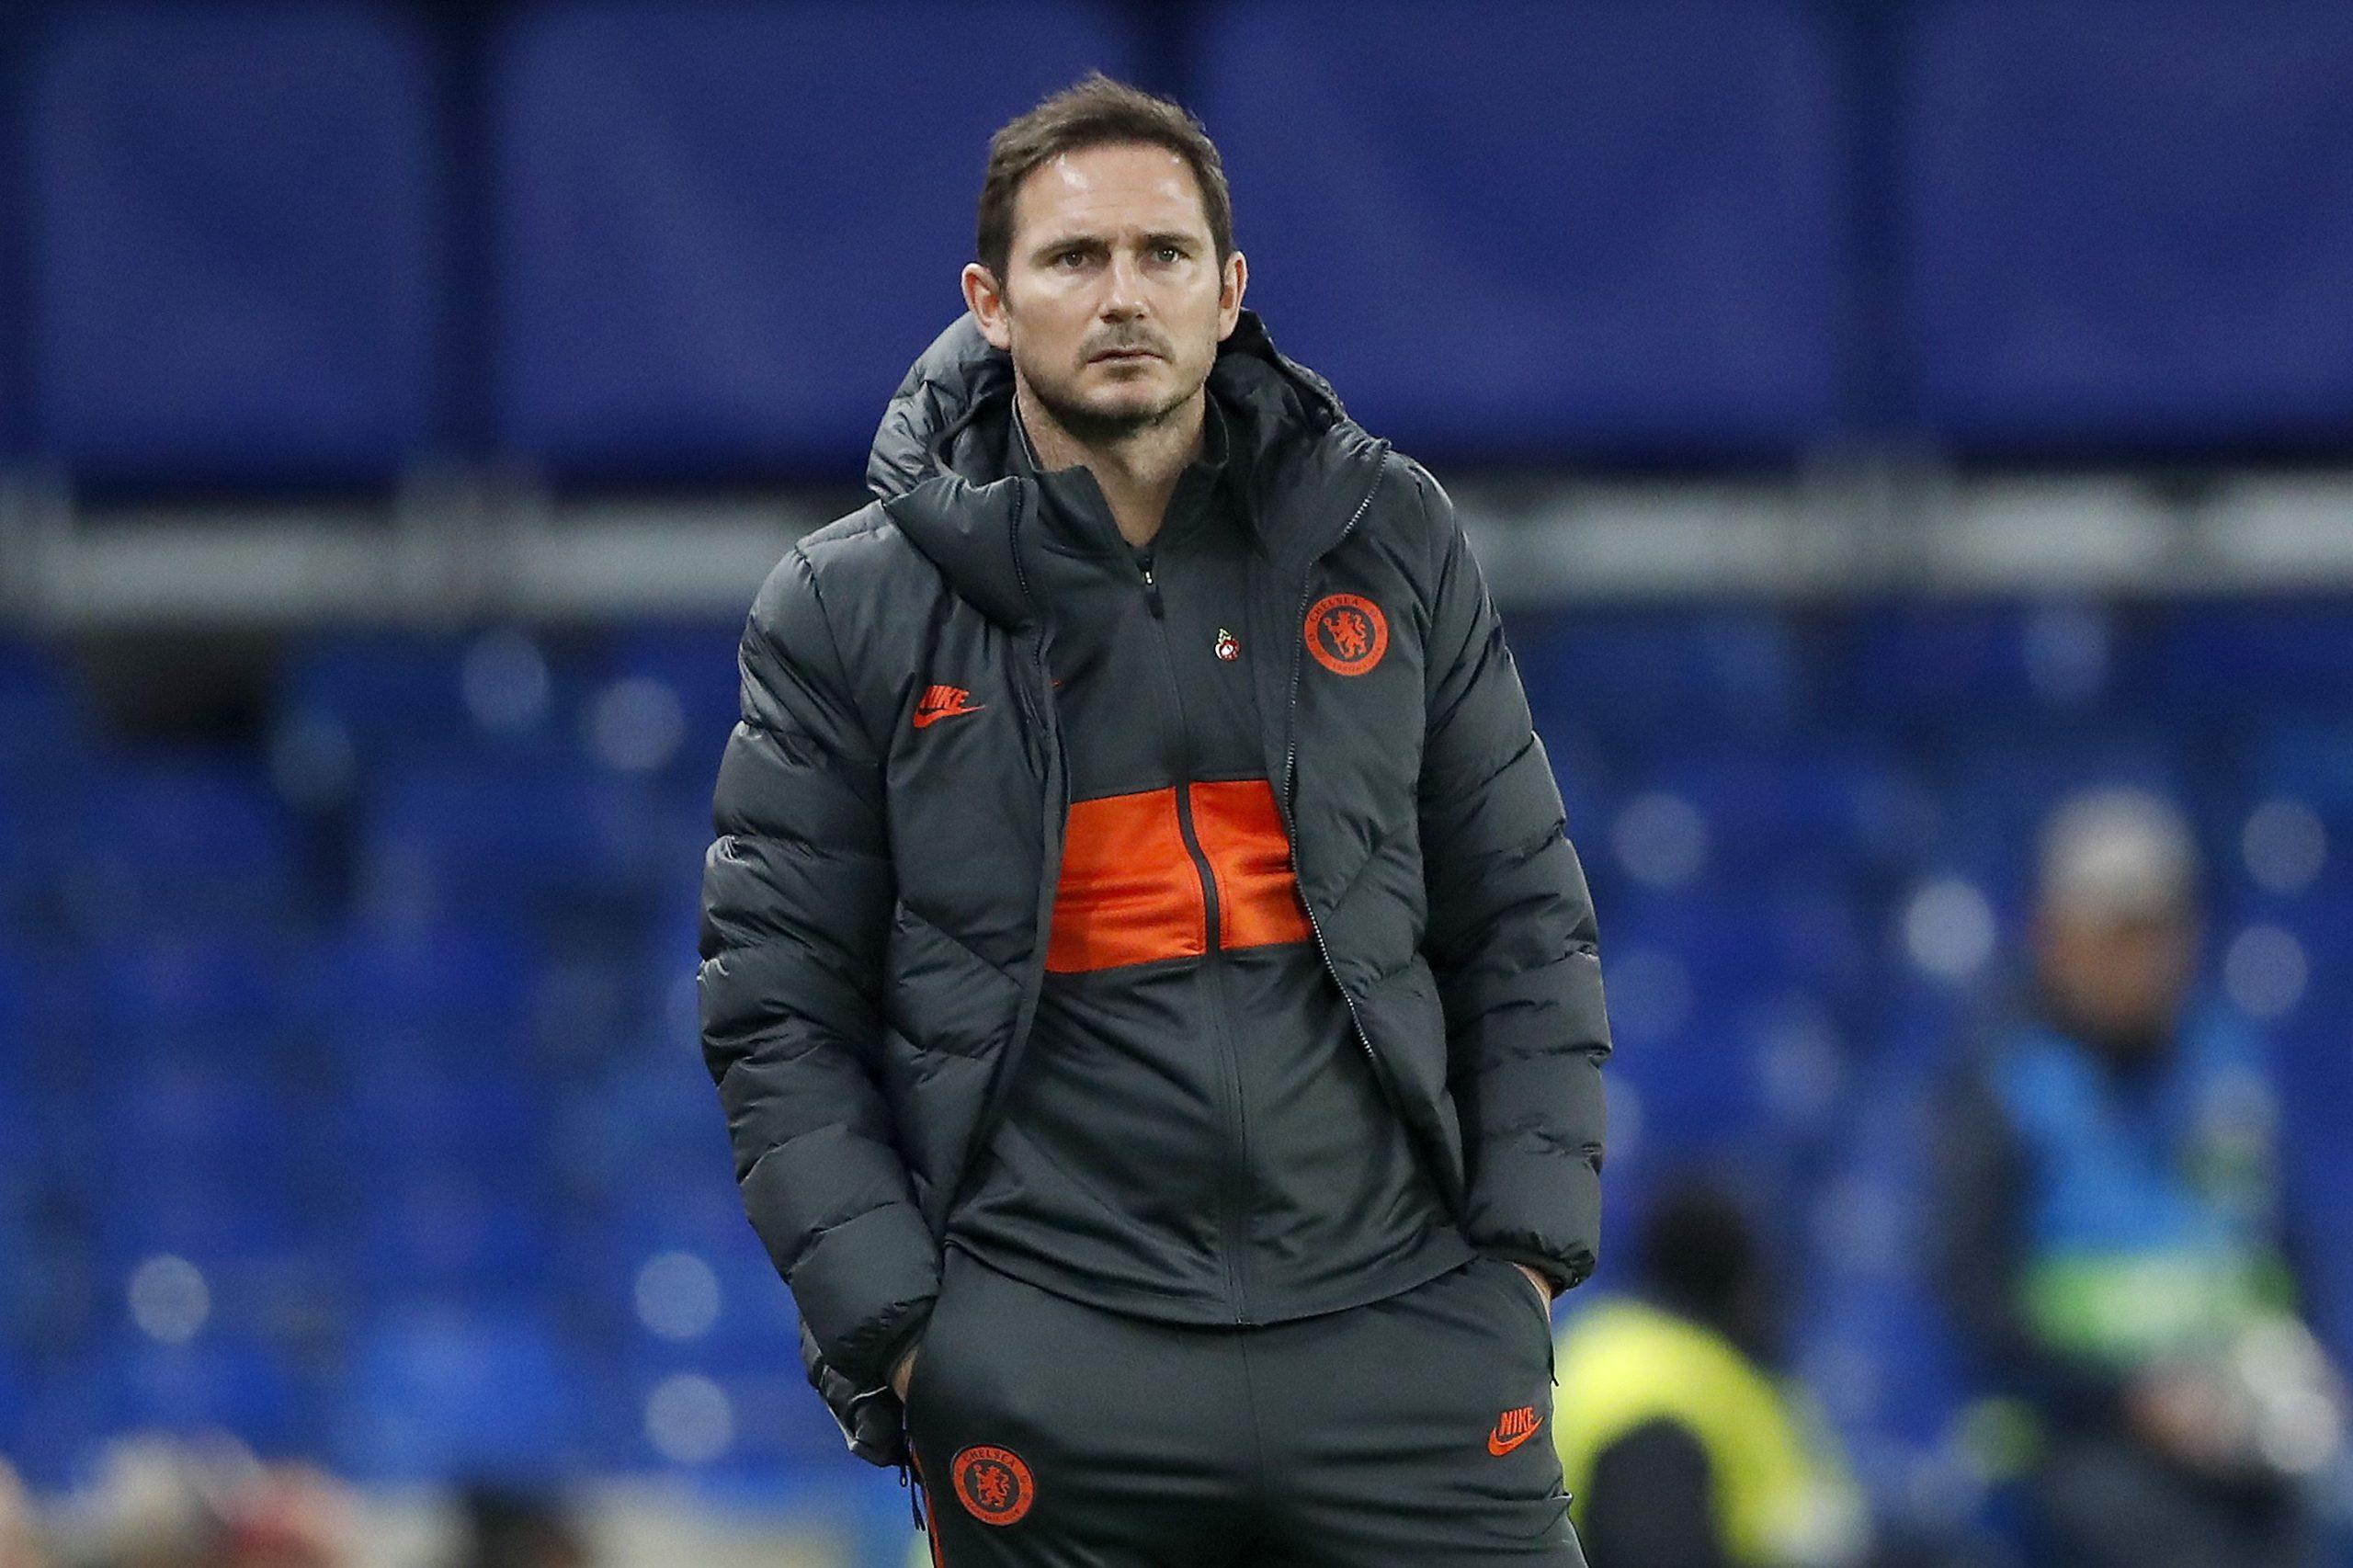 Jelang Kick Off Premier League, Lampard Beberkan Kondisi Skuatnya